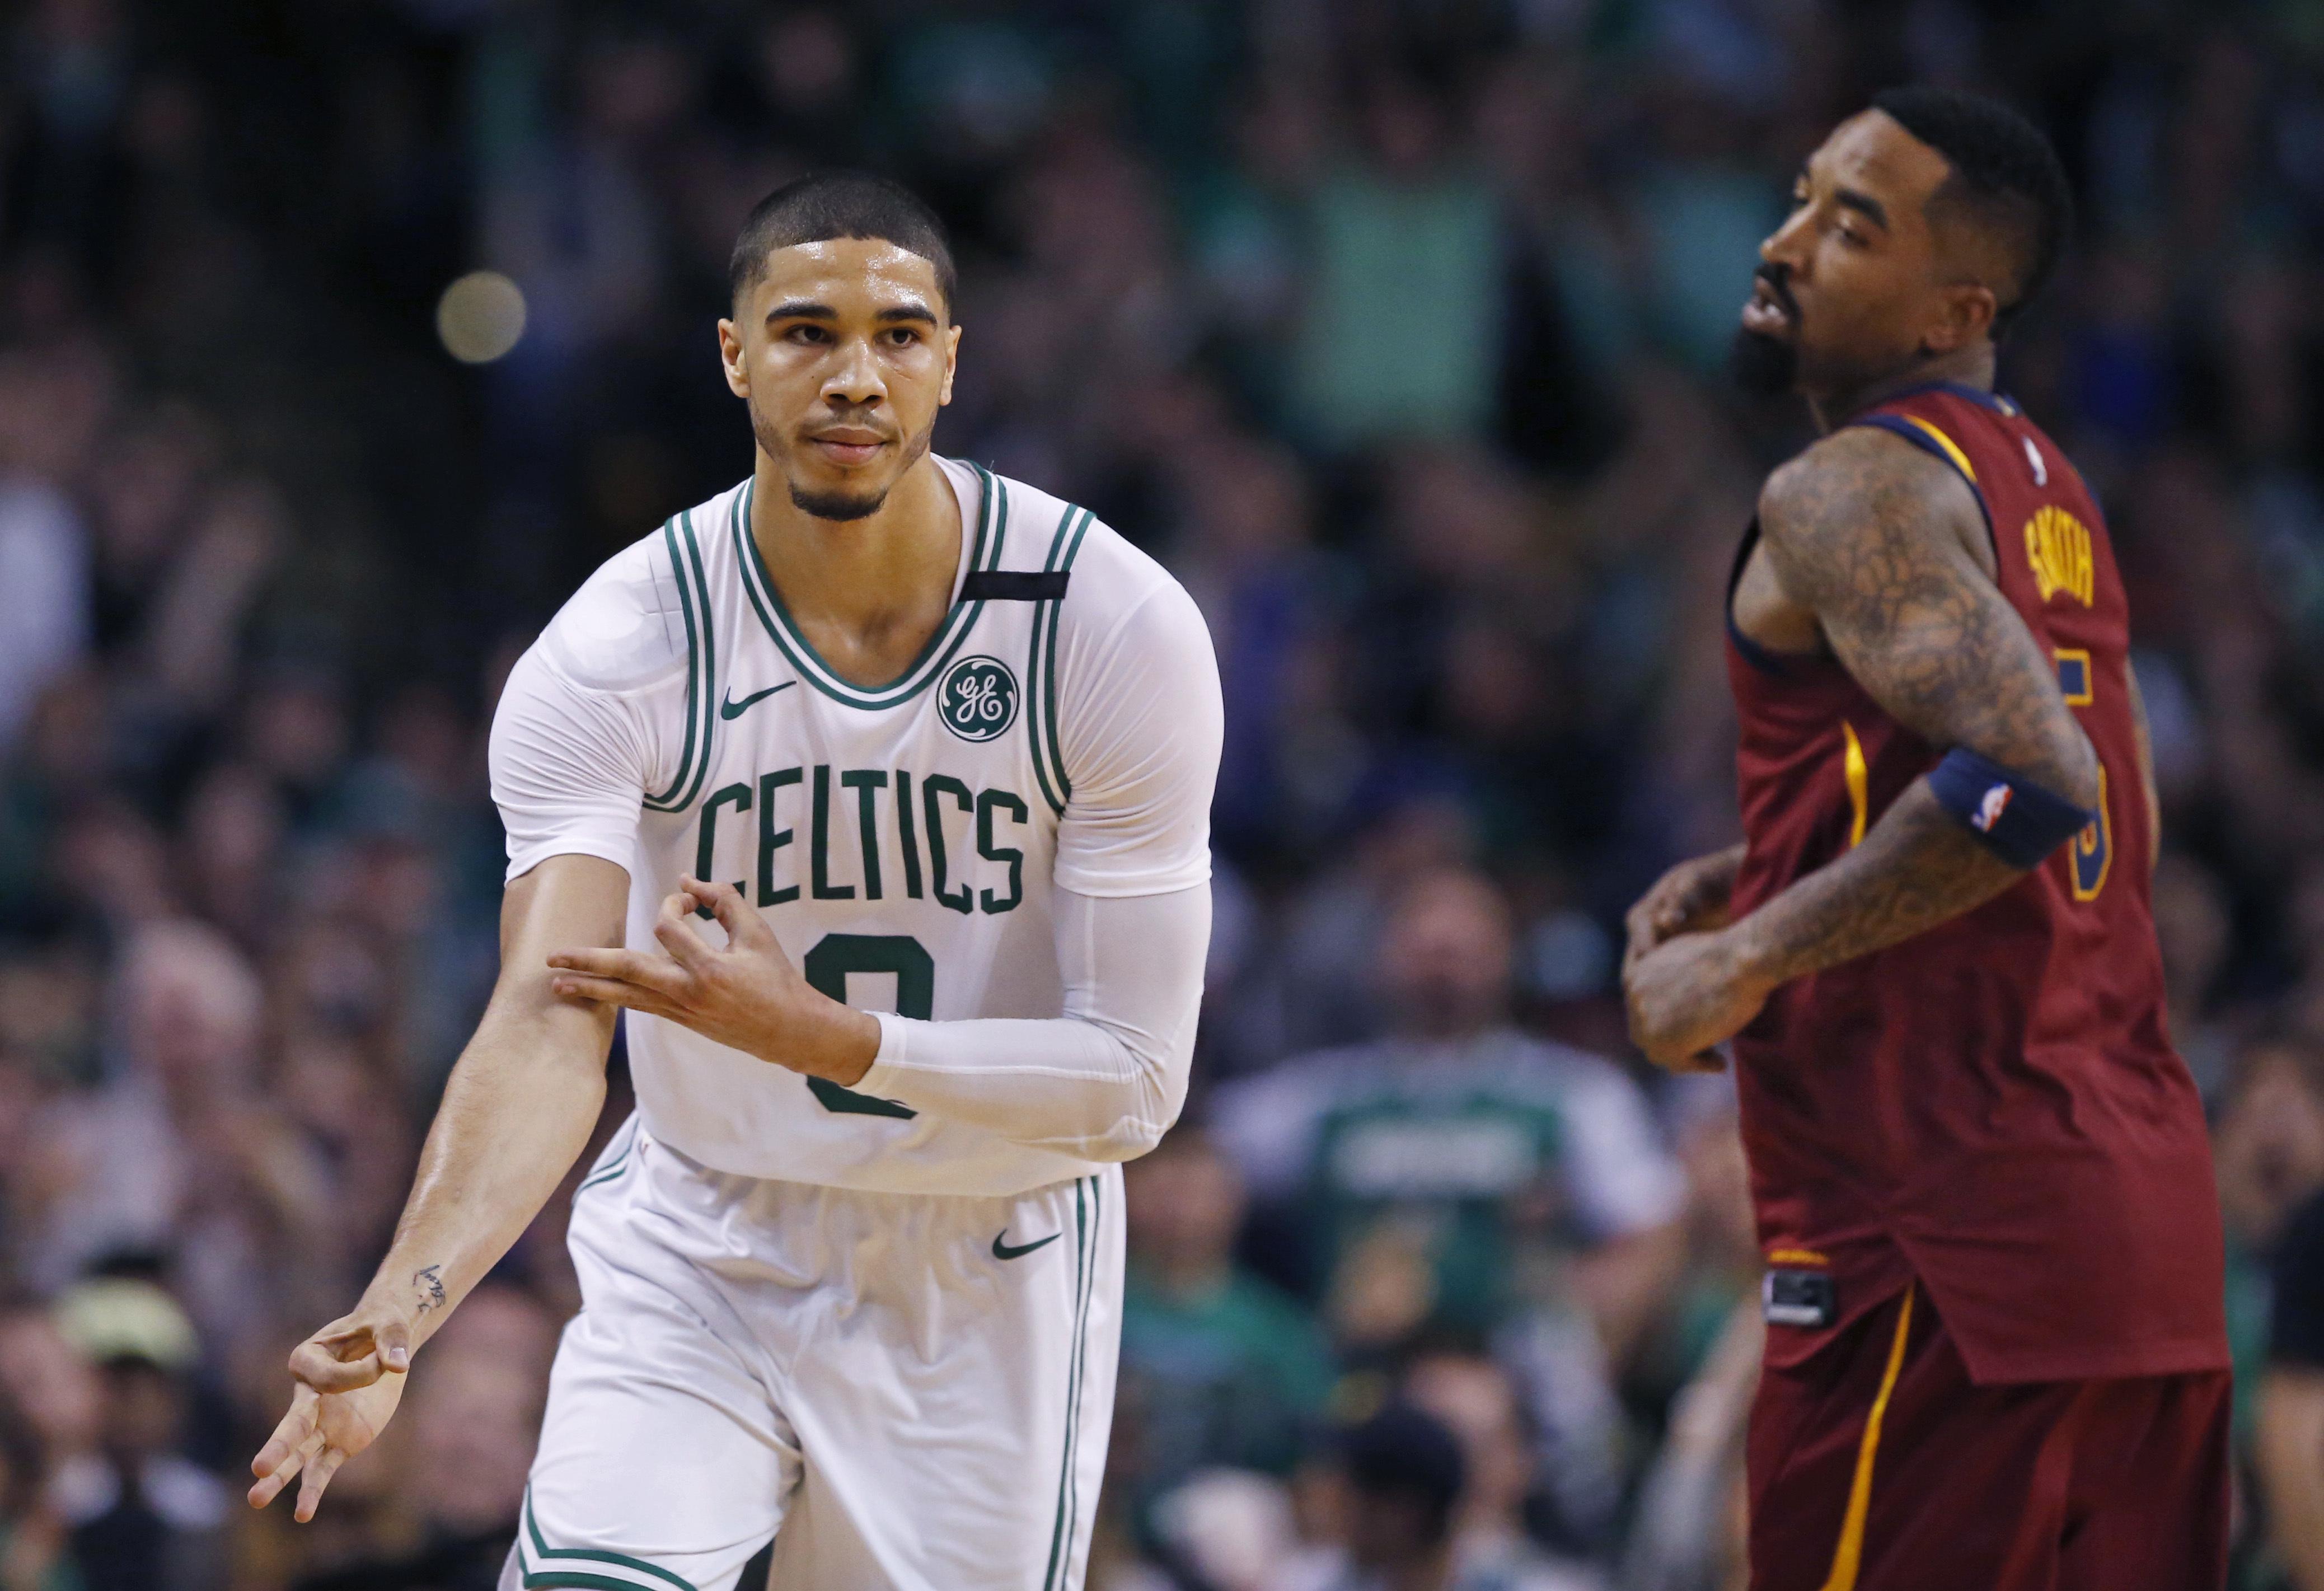 Celtics Contra Cavaliers